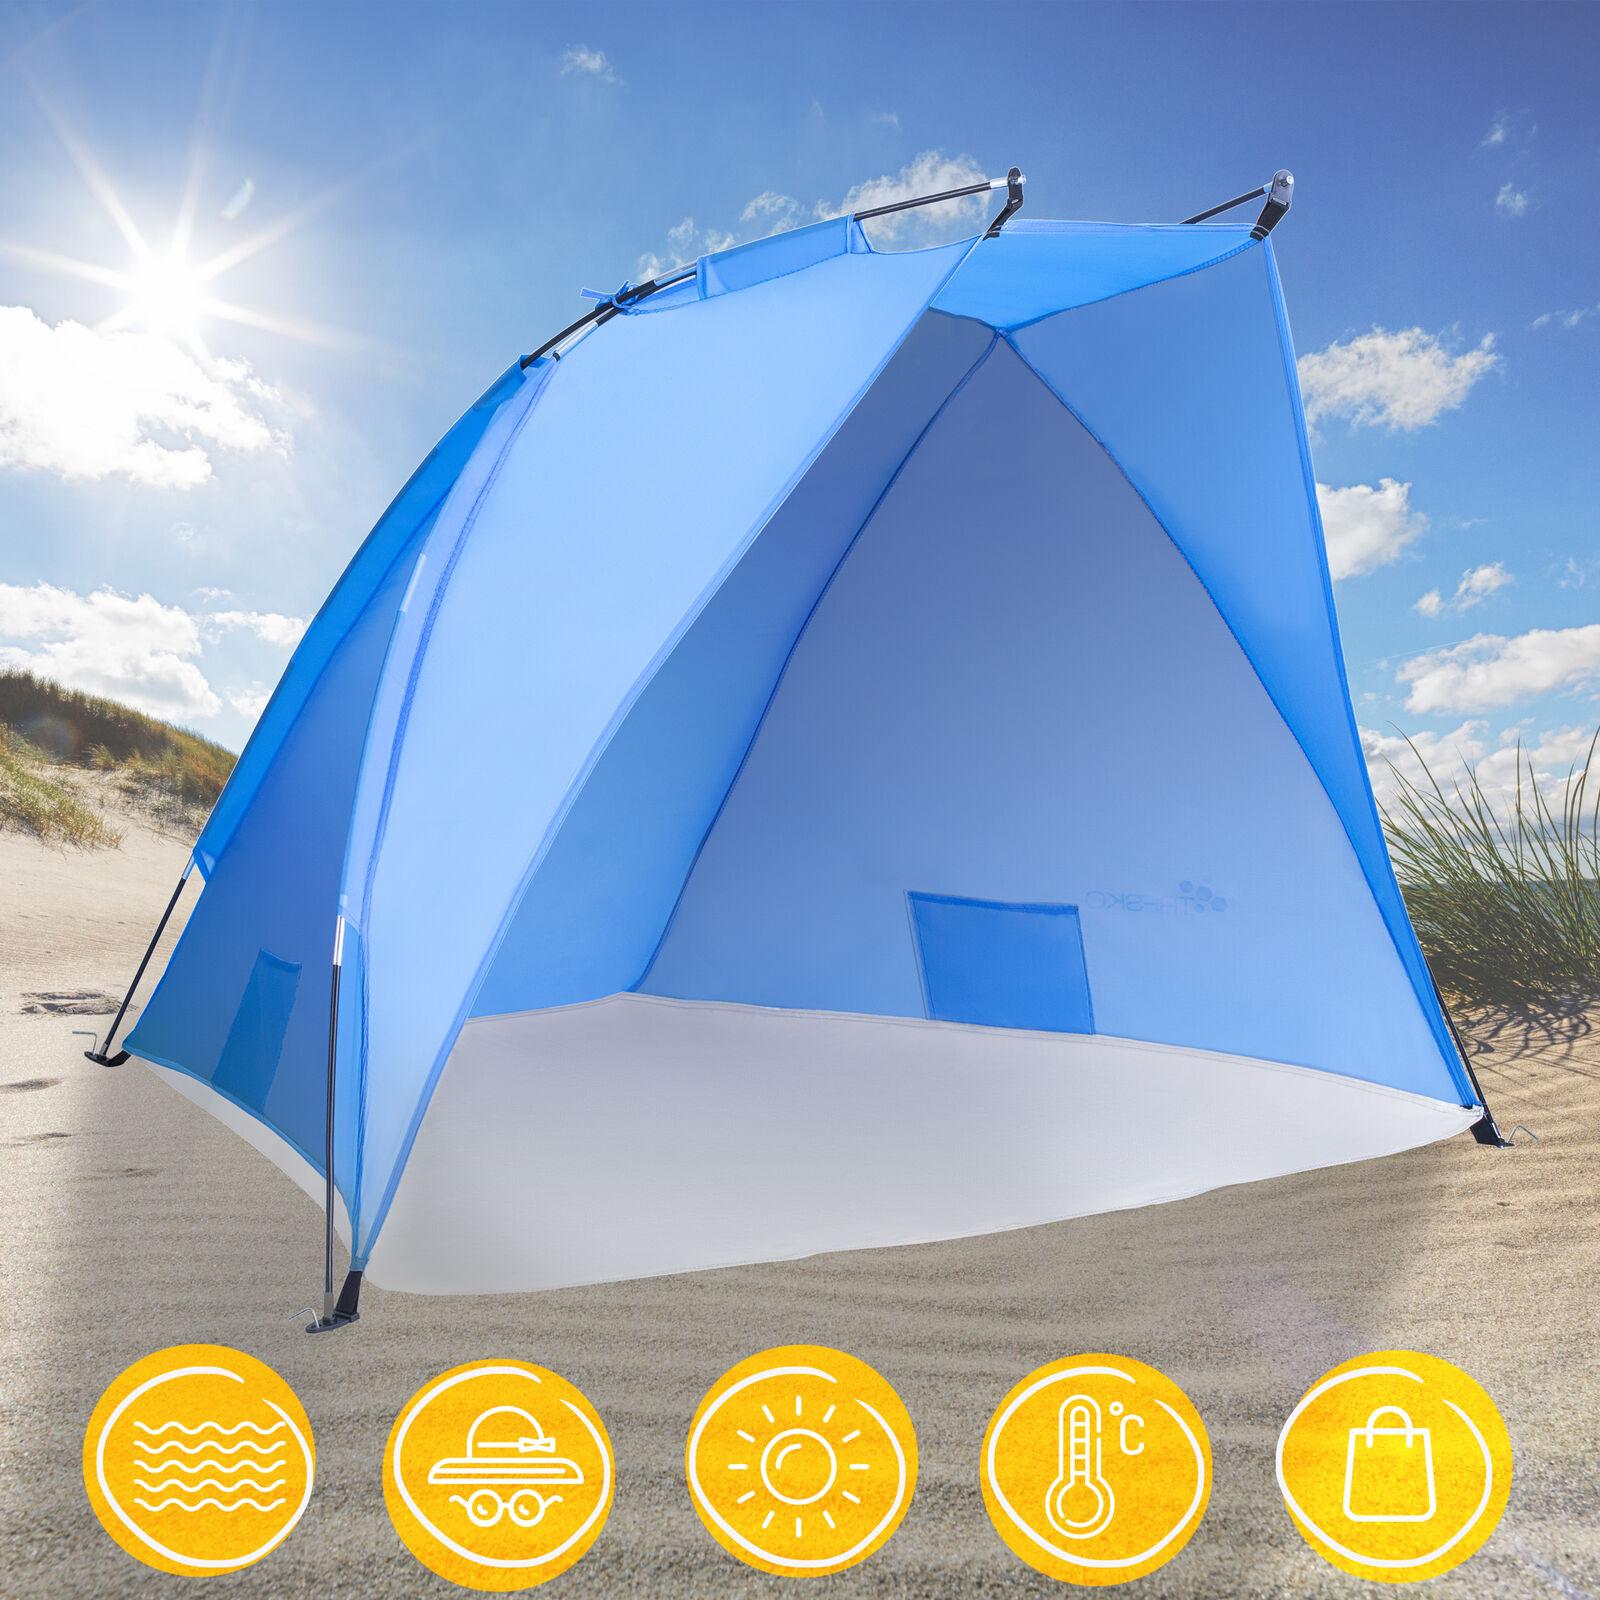 Strandmuschel Pop Up Strandzelt Sonnenschutz Windschutz Zelt Sichtschutz XXL